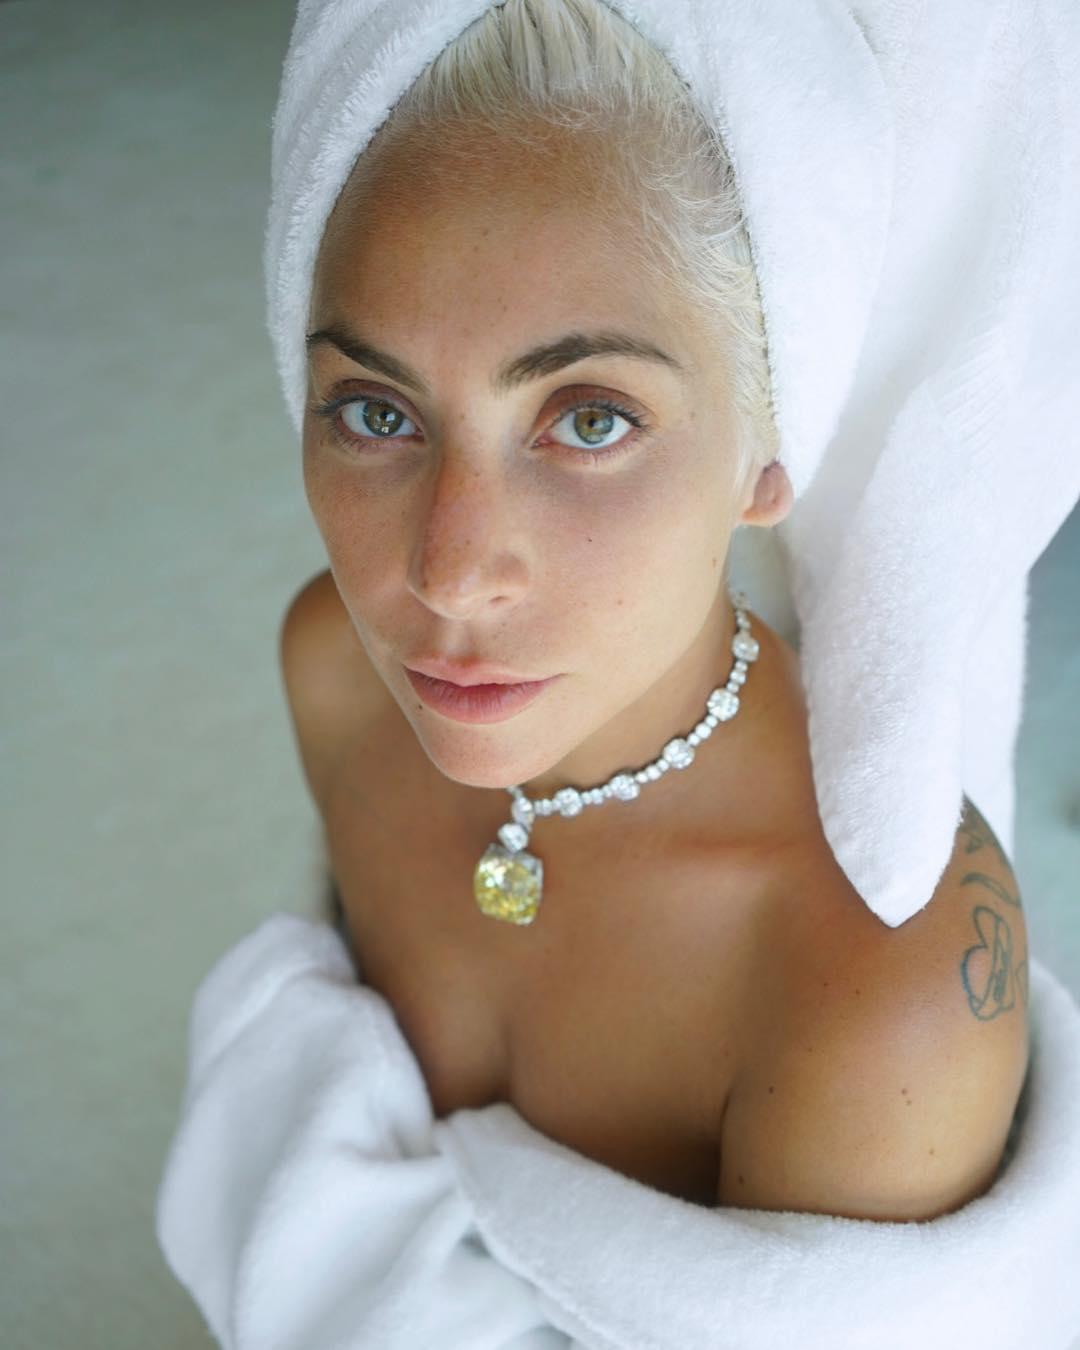 Леди Гага узнала страшном диагнозе - волчанка - девять лет назад